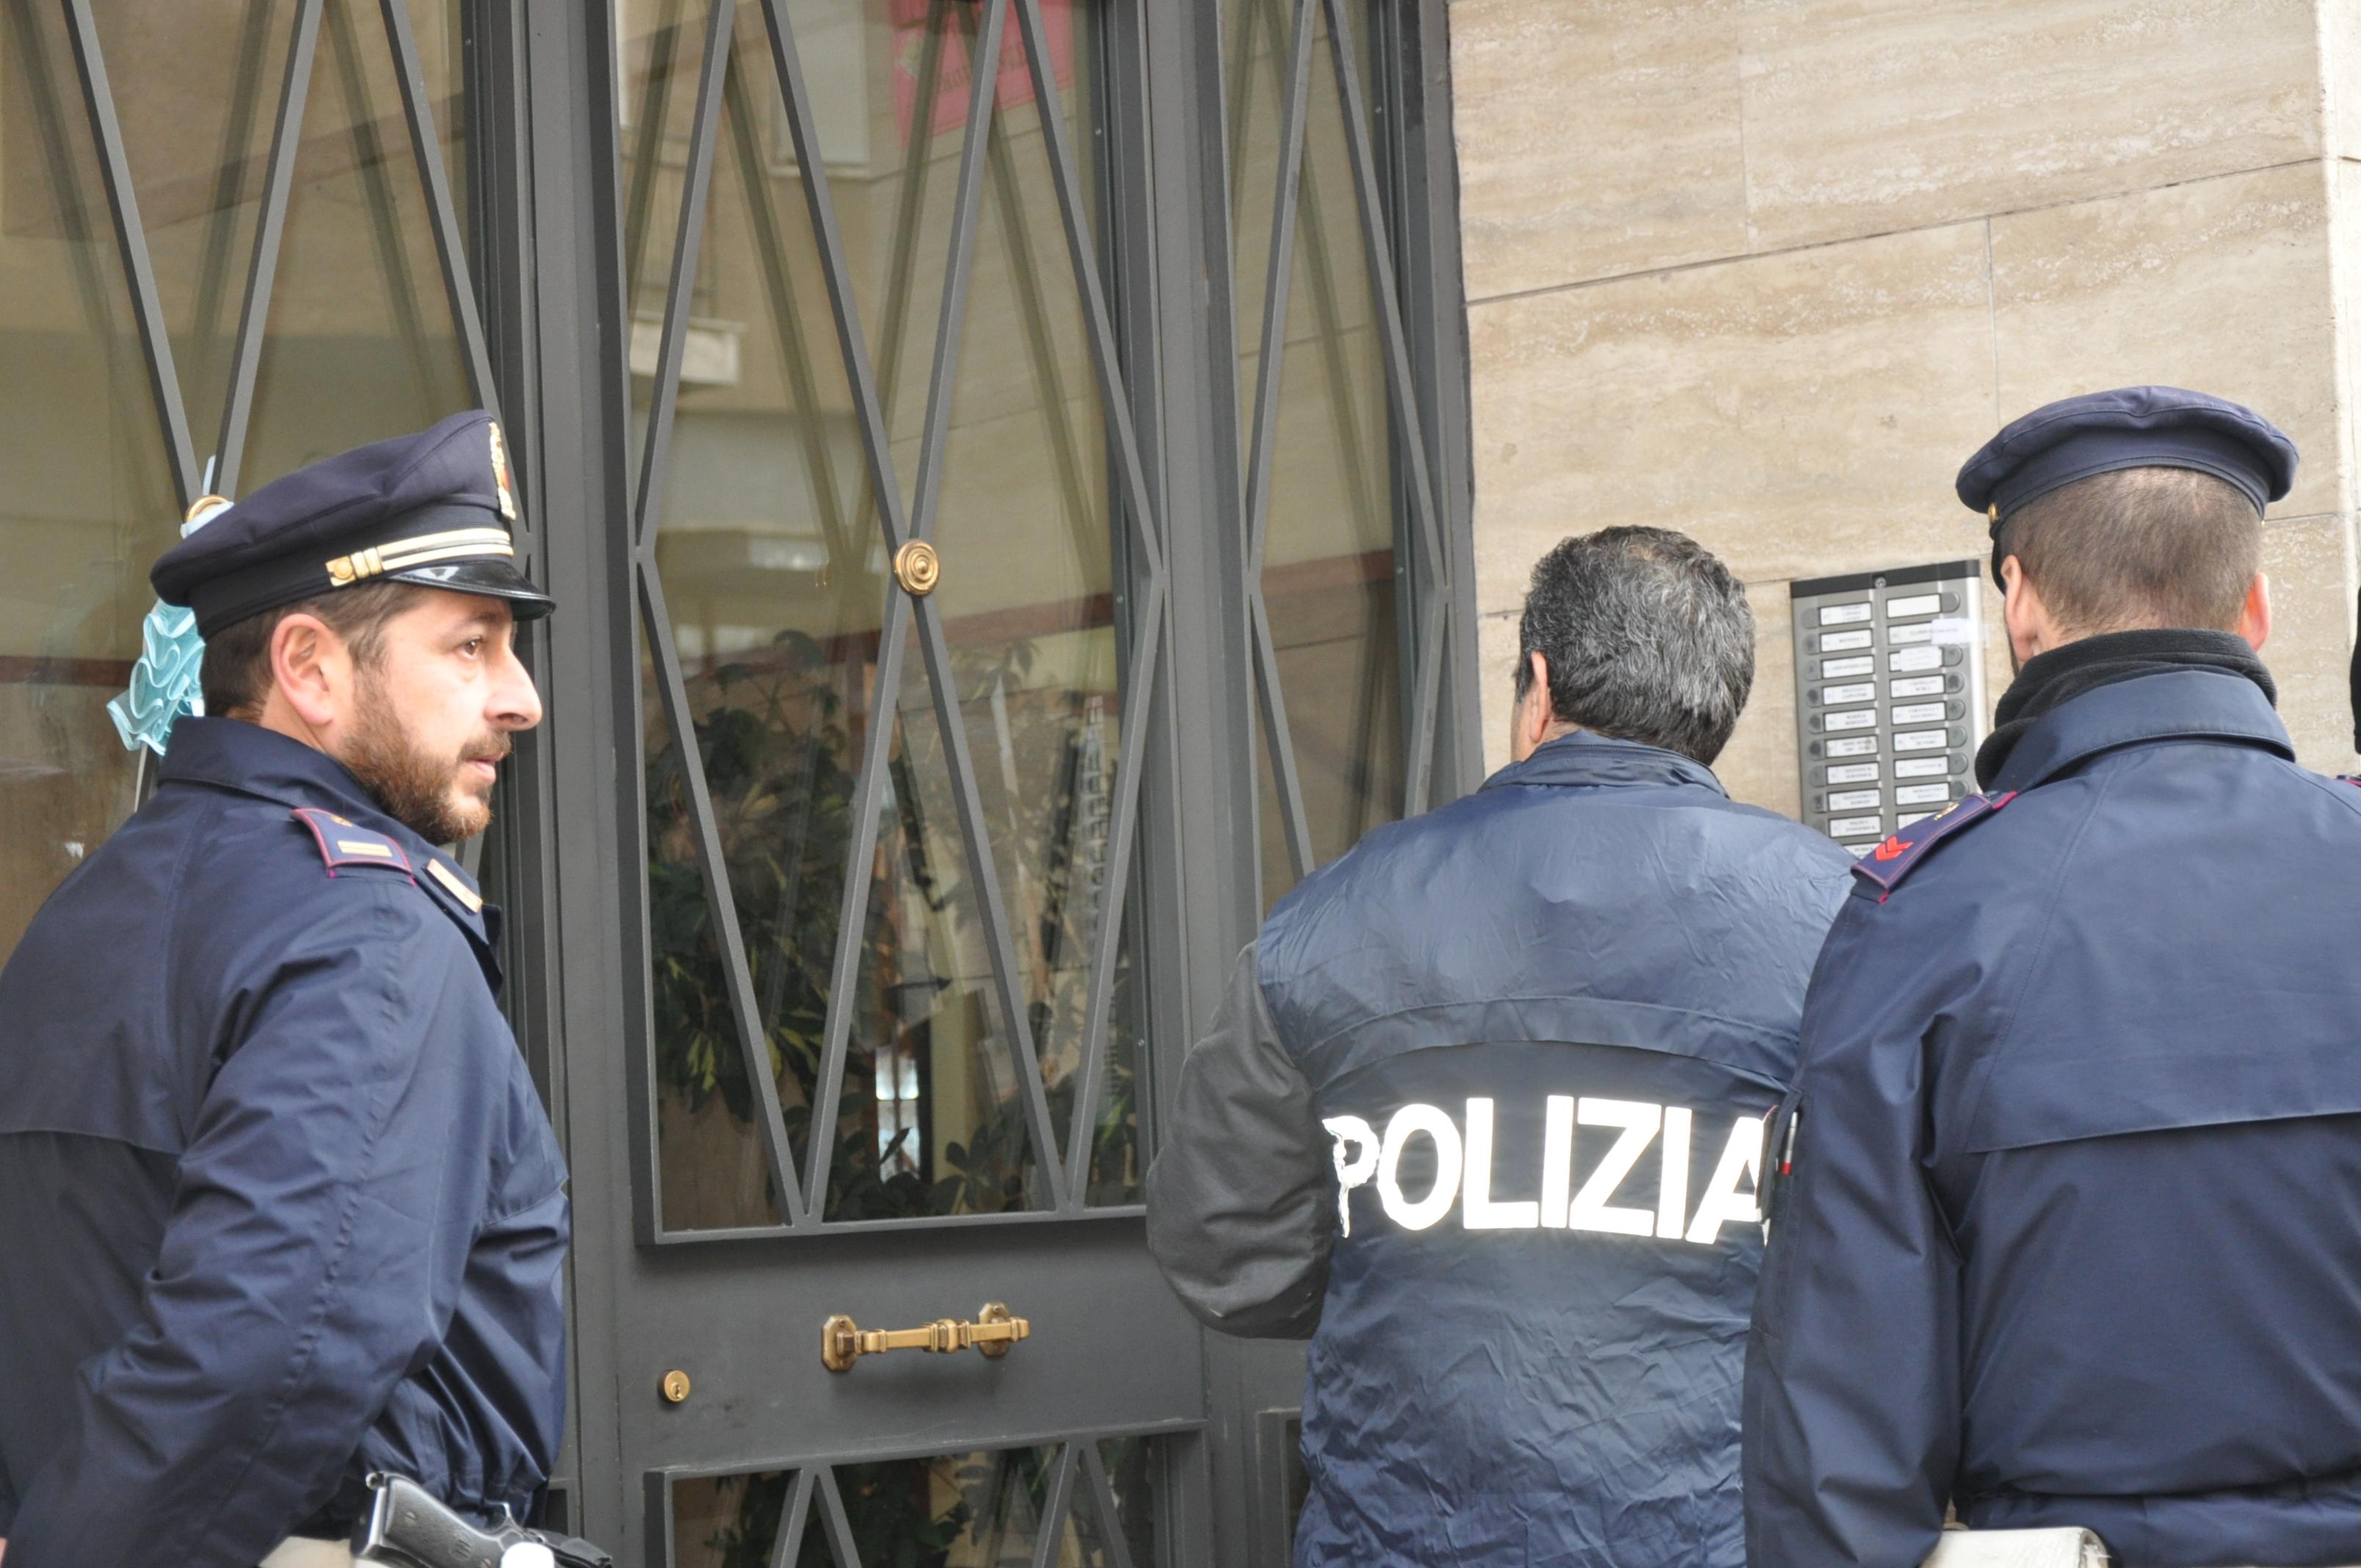 Polizia di stato questure sul web roma for Questura di lodi permesso di soggiorno